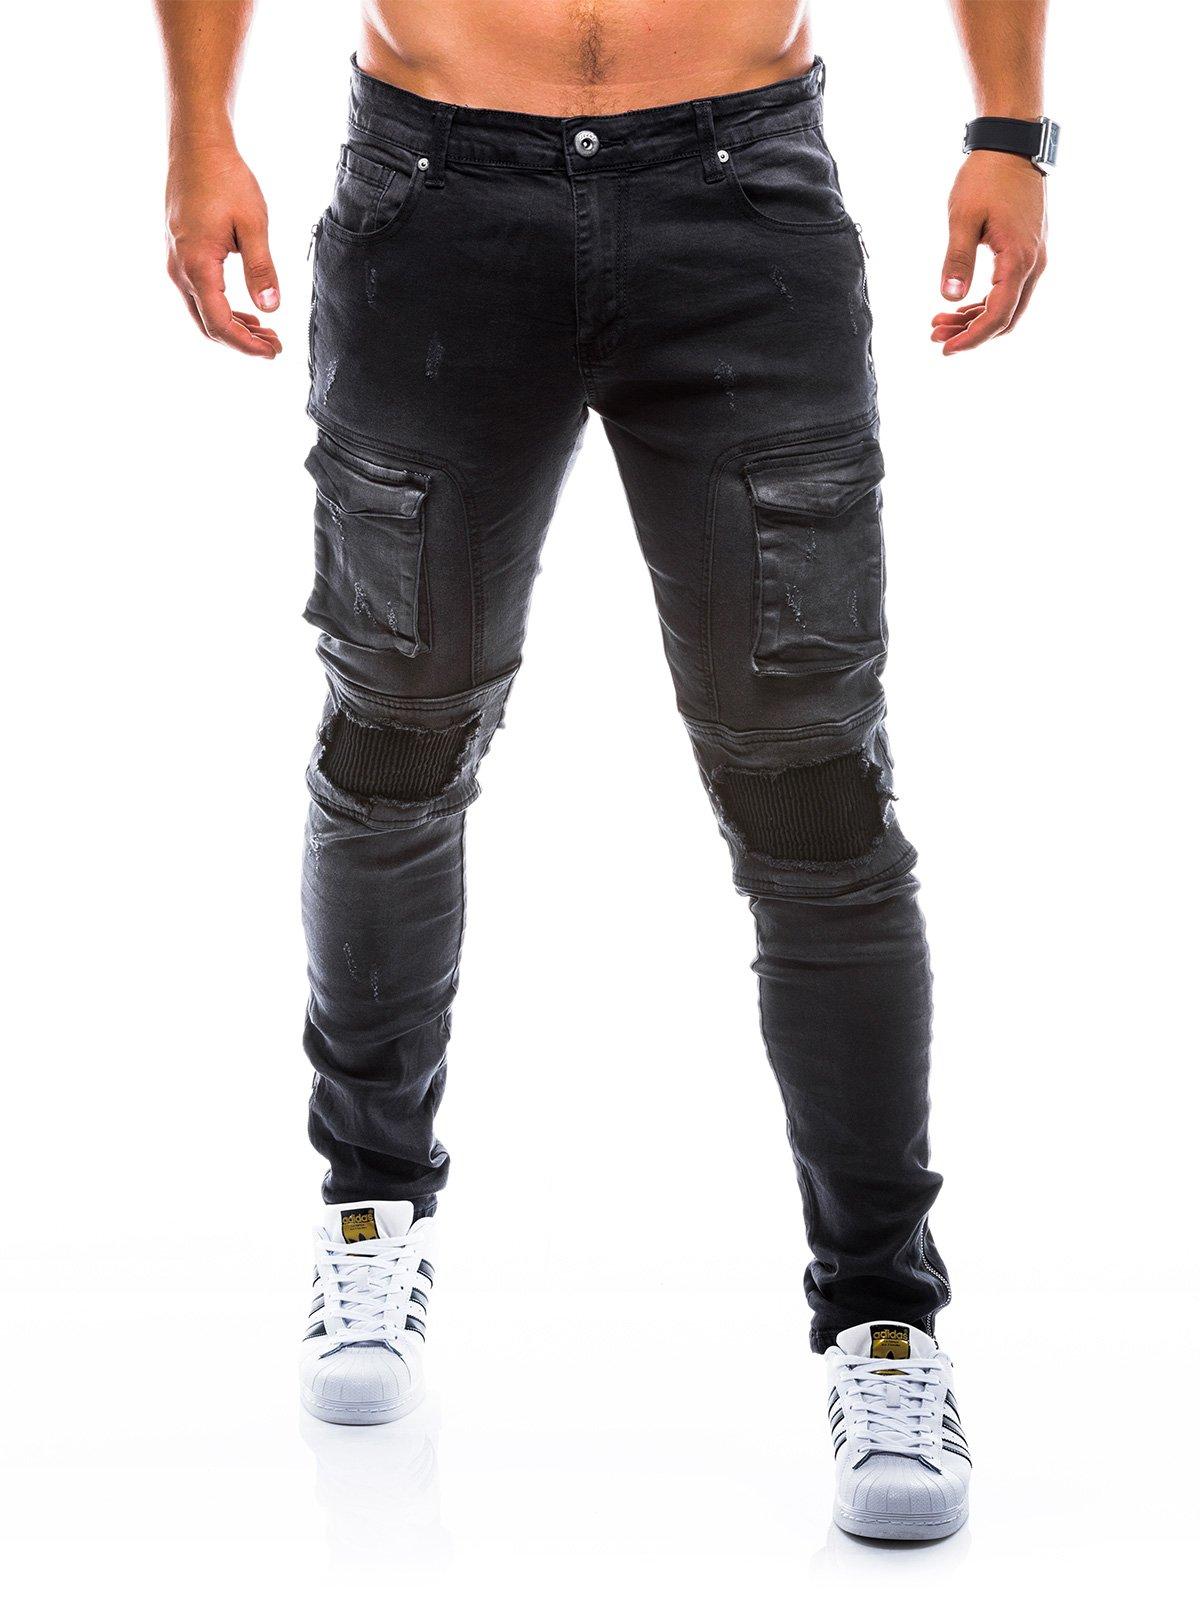 Spodnie męskie jeansowe P773 - czarne